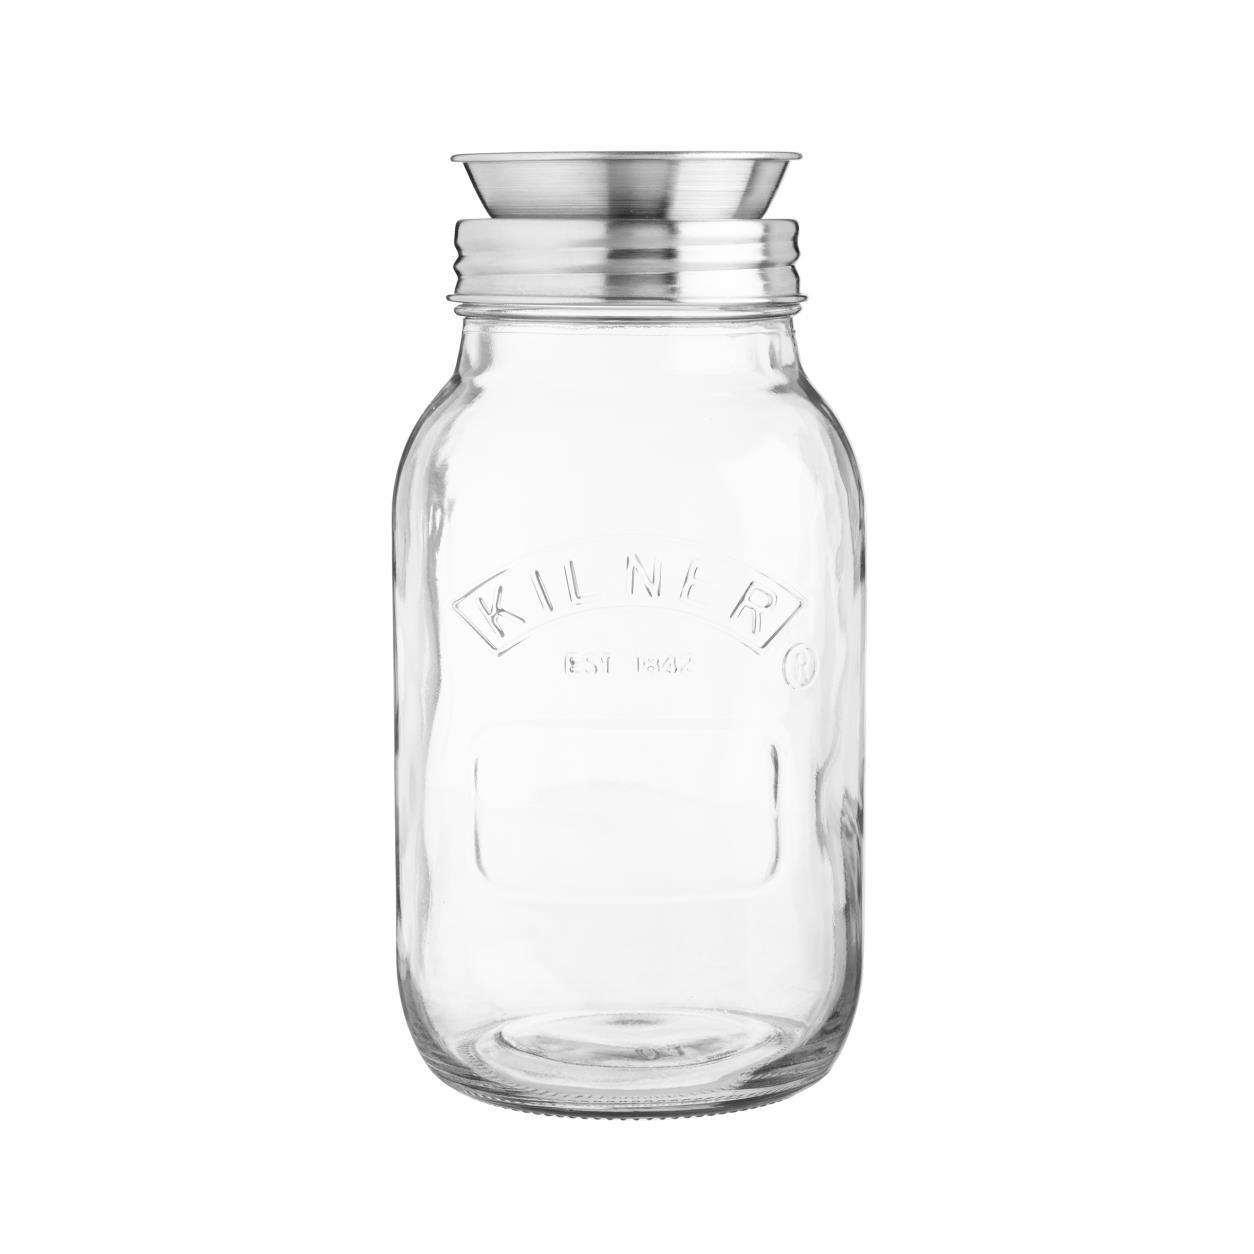 Spirálový kráječ se sklenicí - Kilner